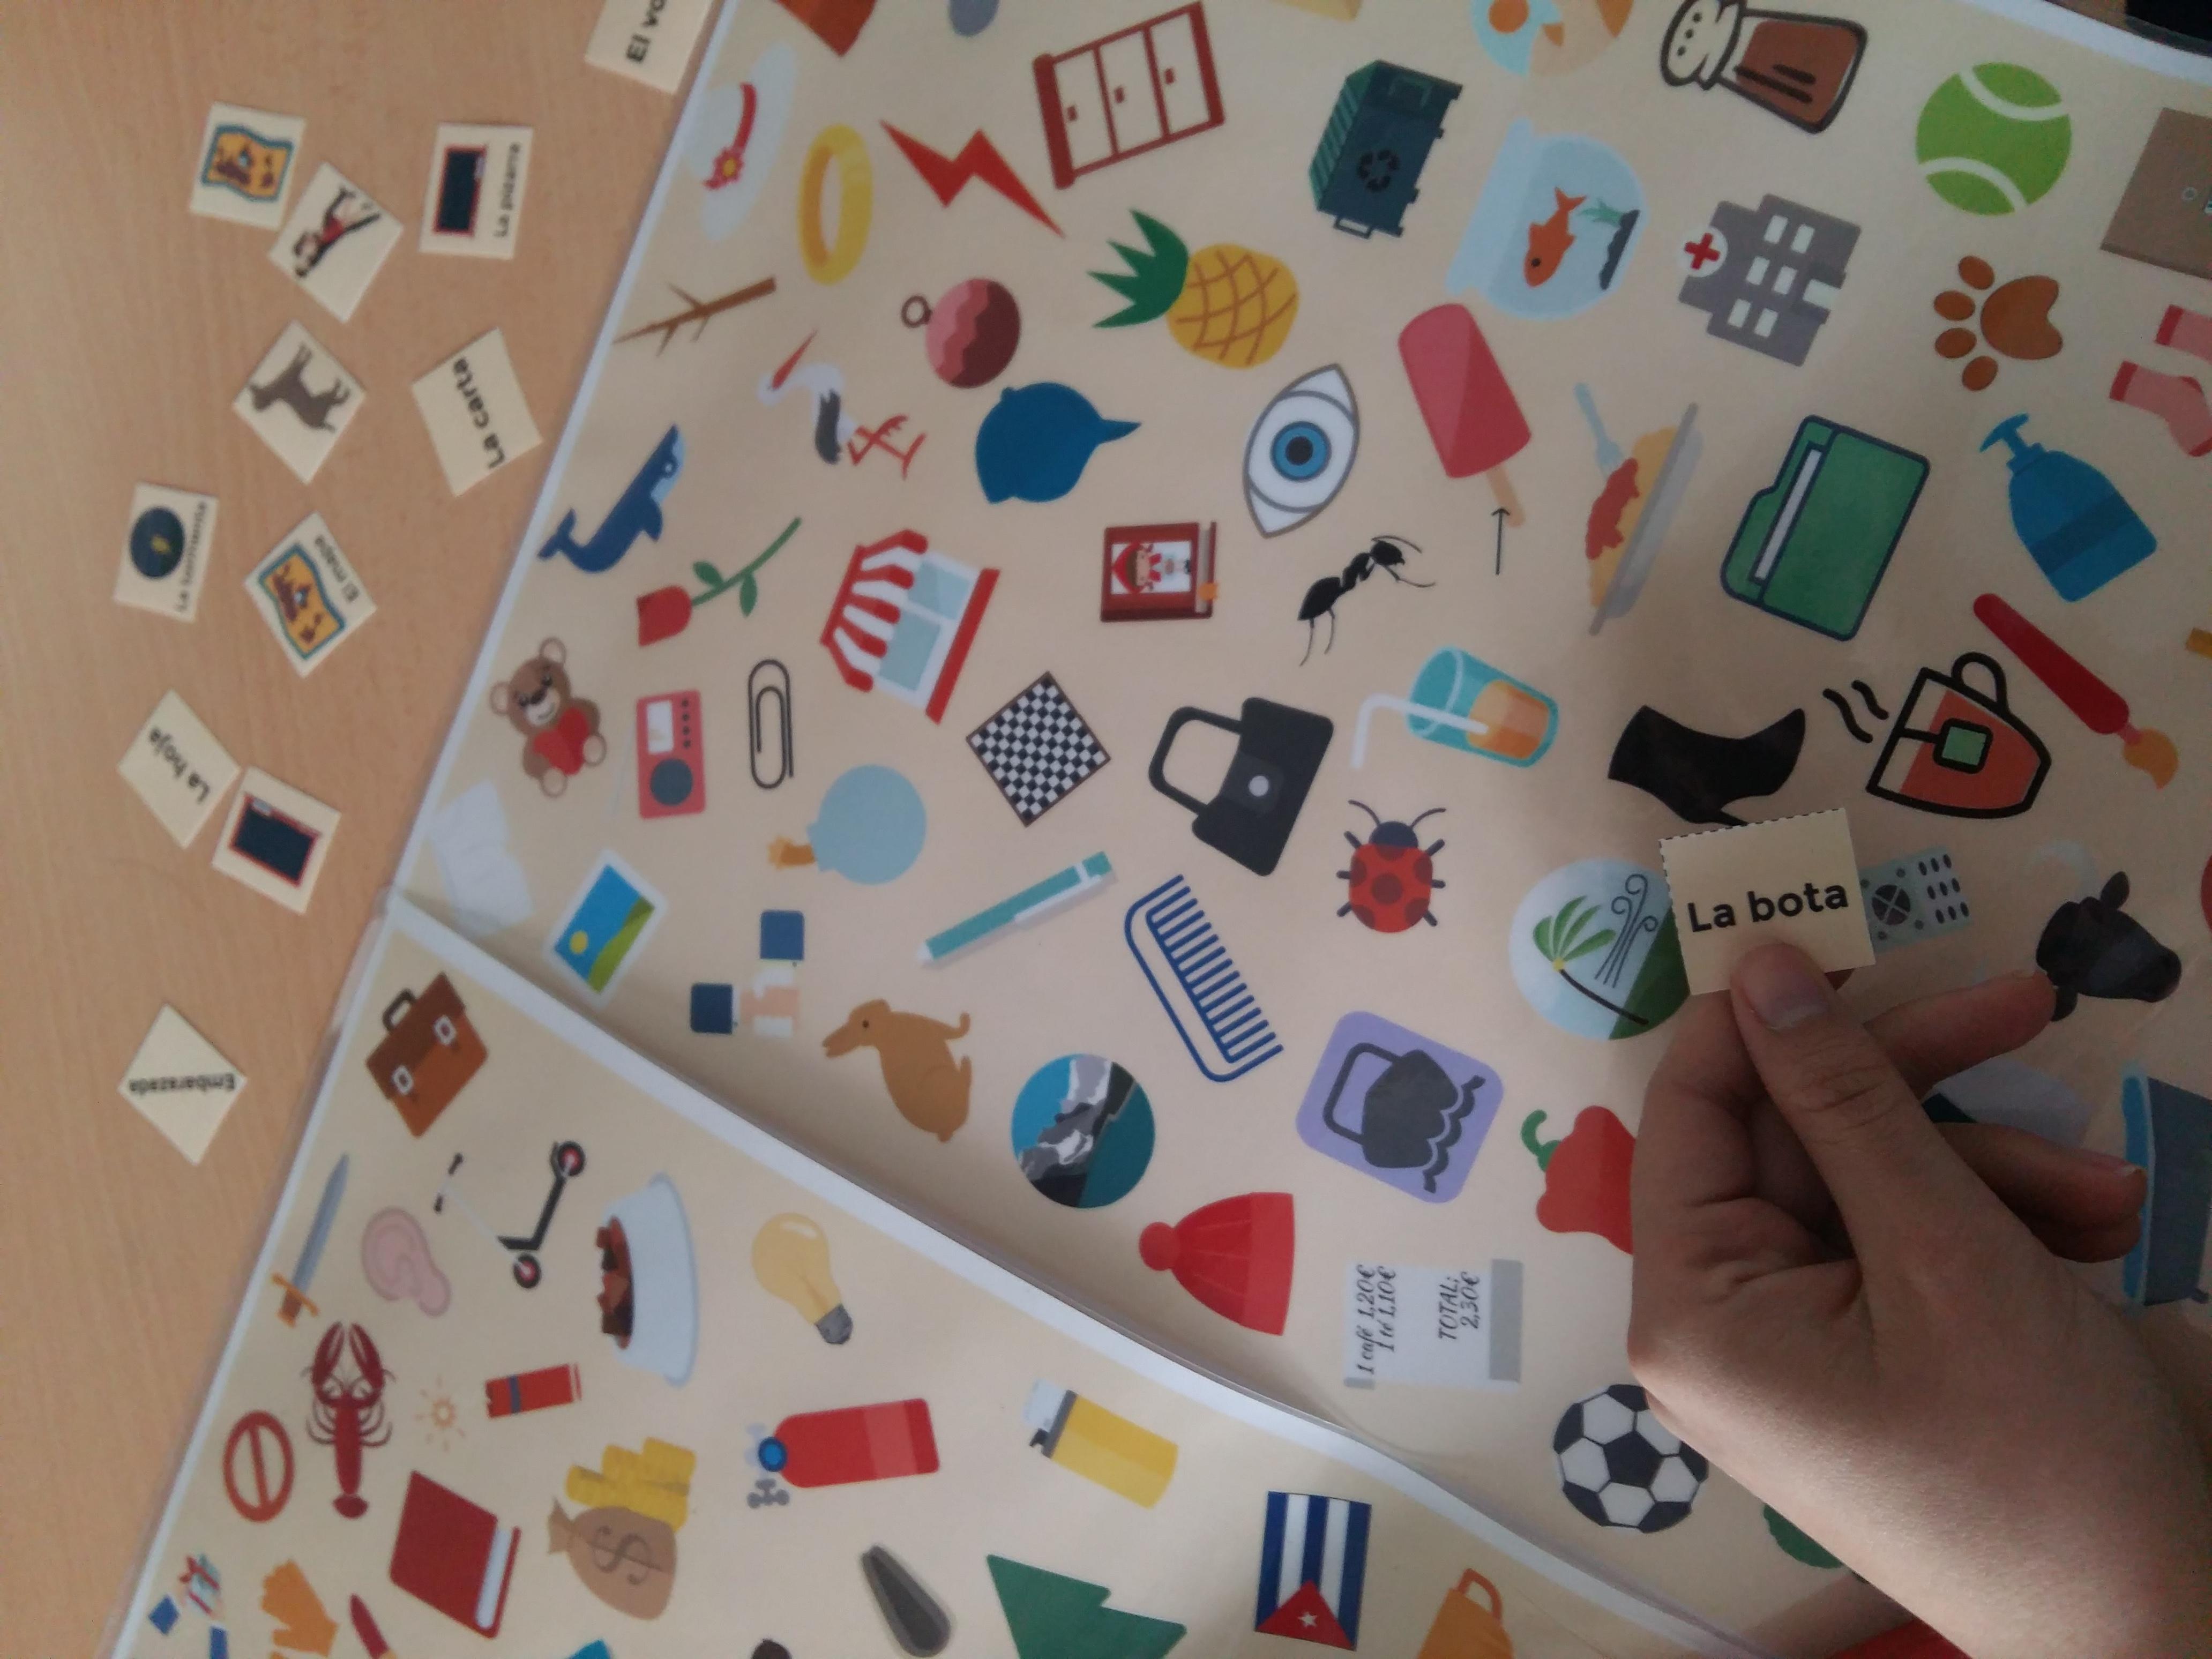 Ideas para jugar en clase de ELE. Ideas para trabajar con vocabulario en clase de idiomas #teachmorespanish